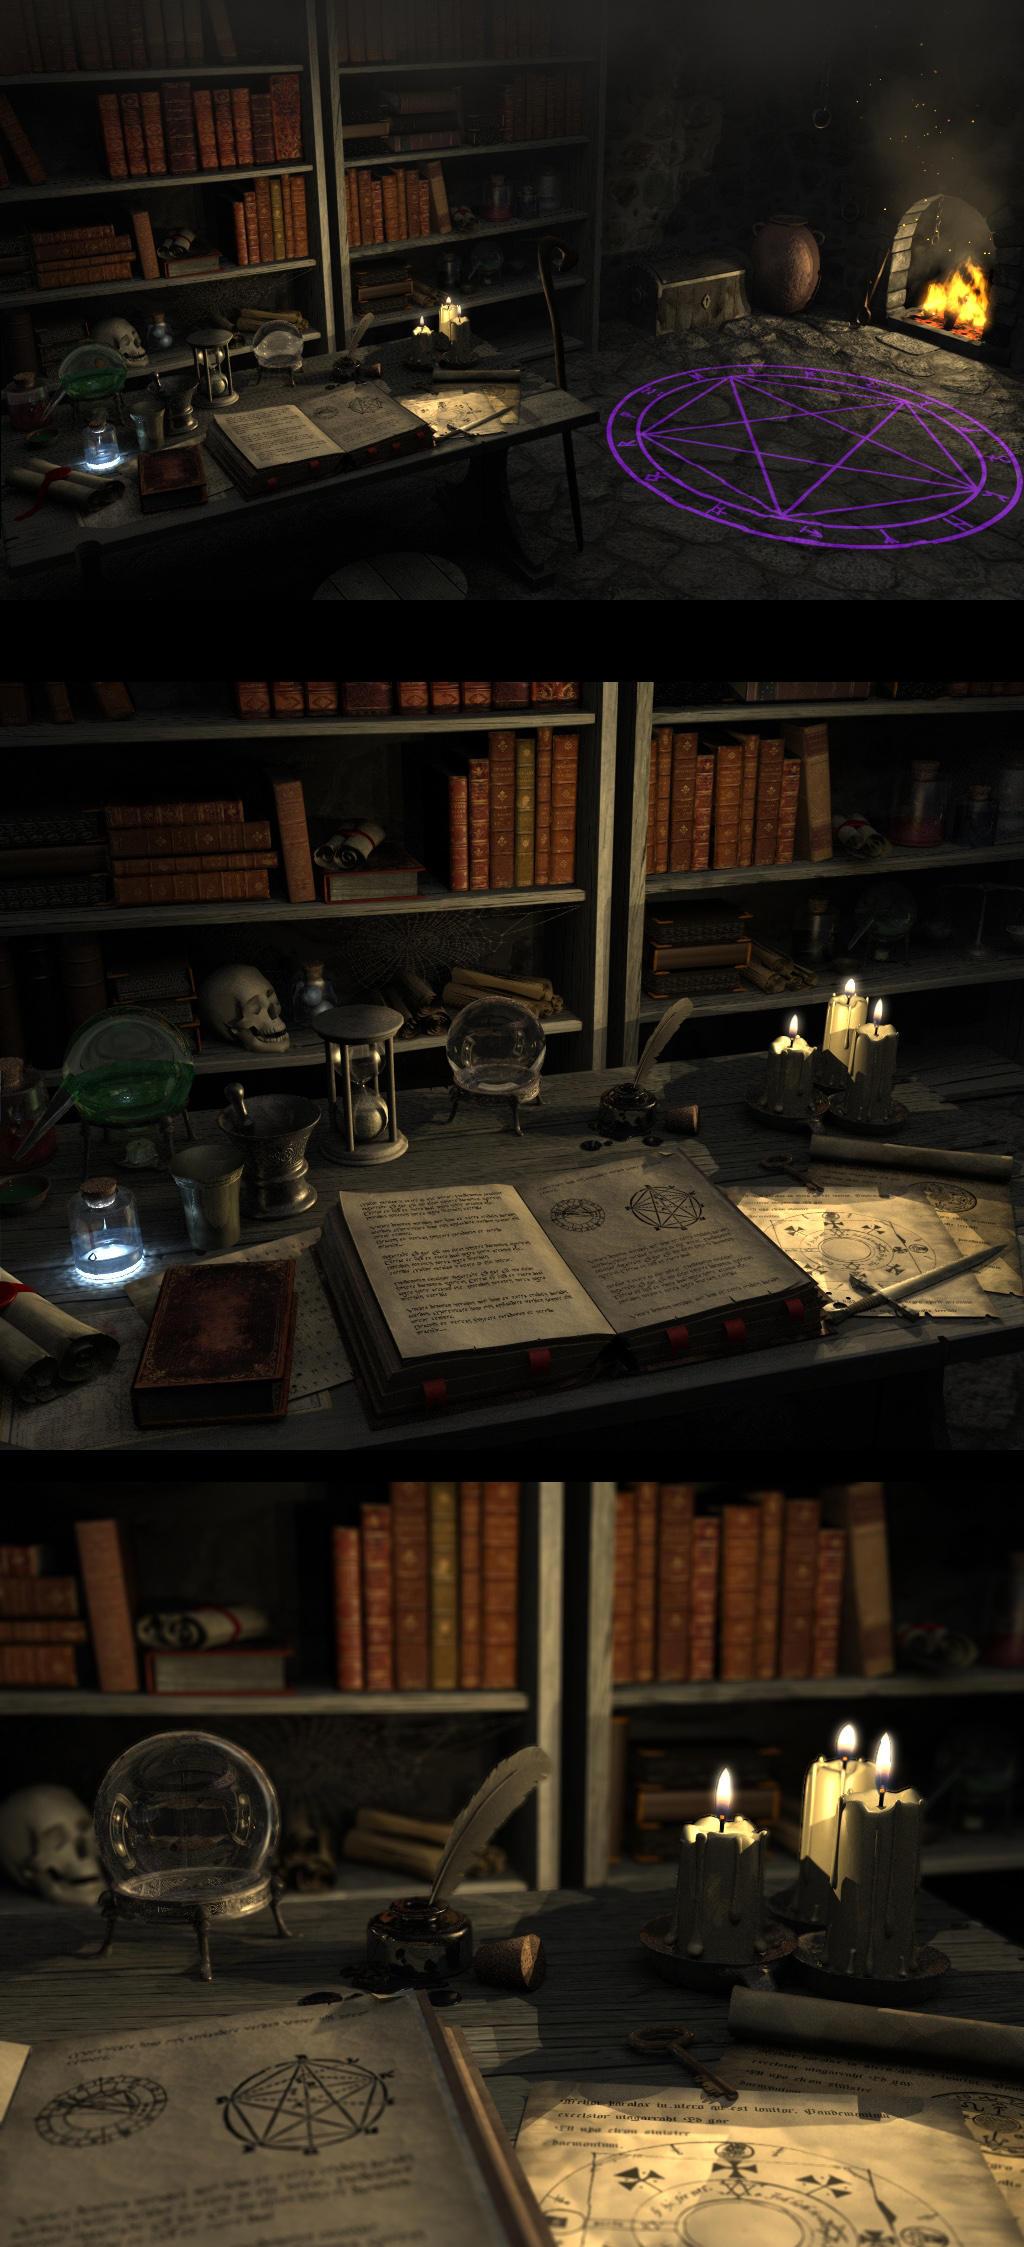 http://fc08.deviantart.net/fs8/i/2005/278/3/b/Wizards_workroom_by_svenart.jpg